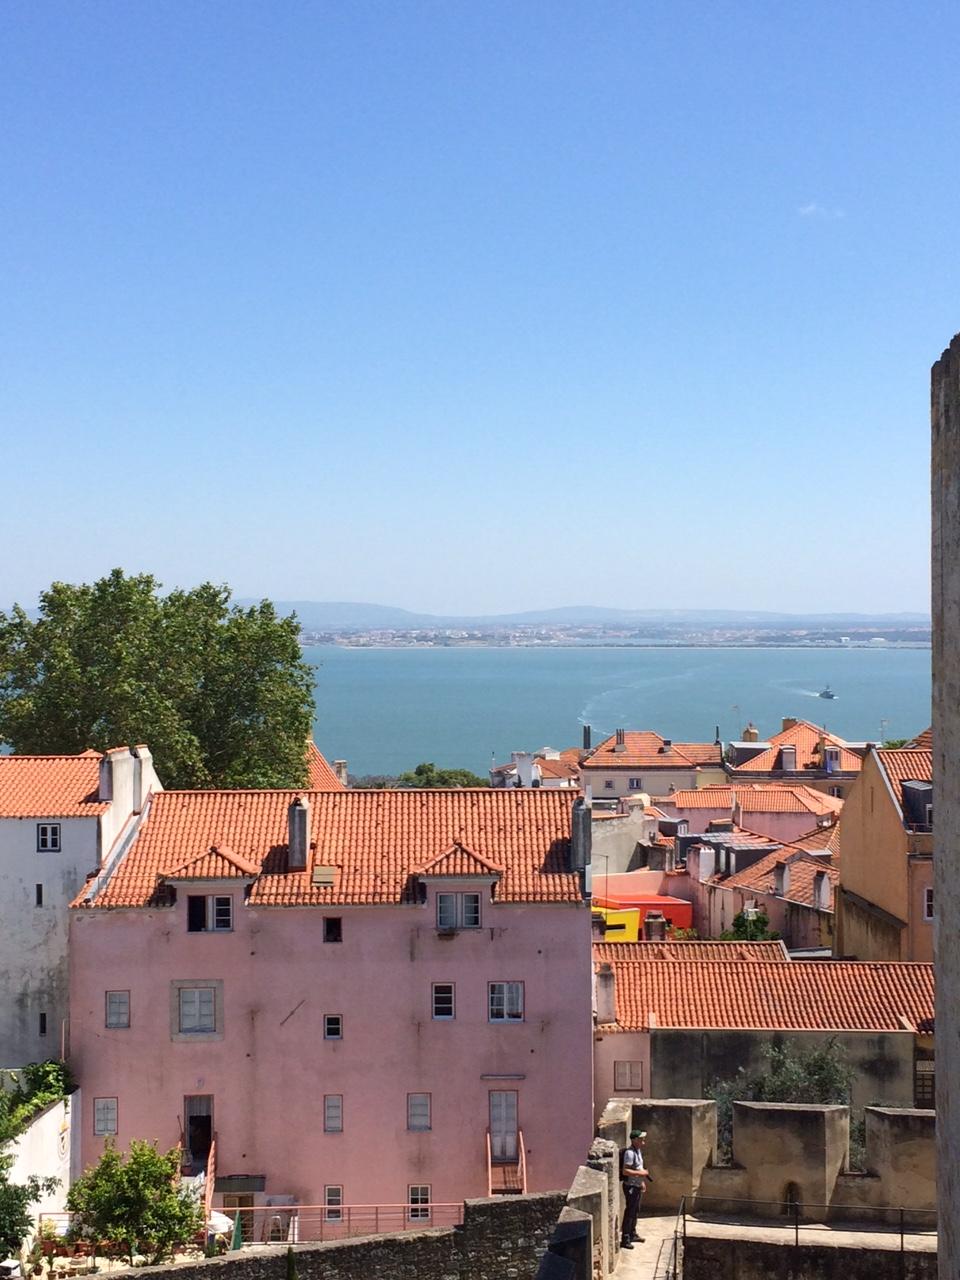 Lisbonne_juin_2016_vue_ville (3)